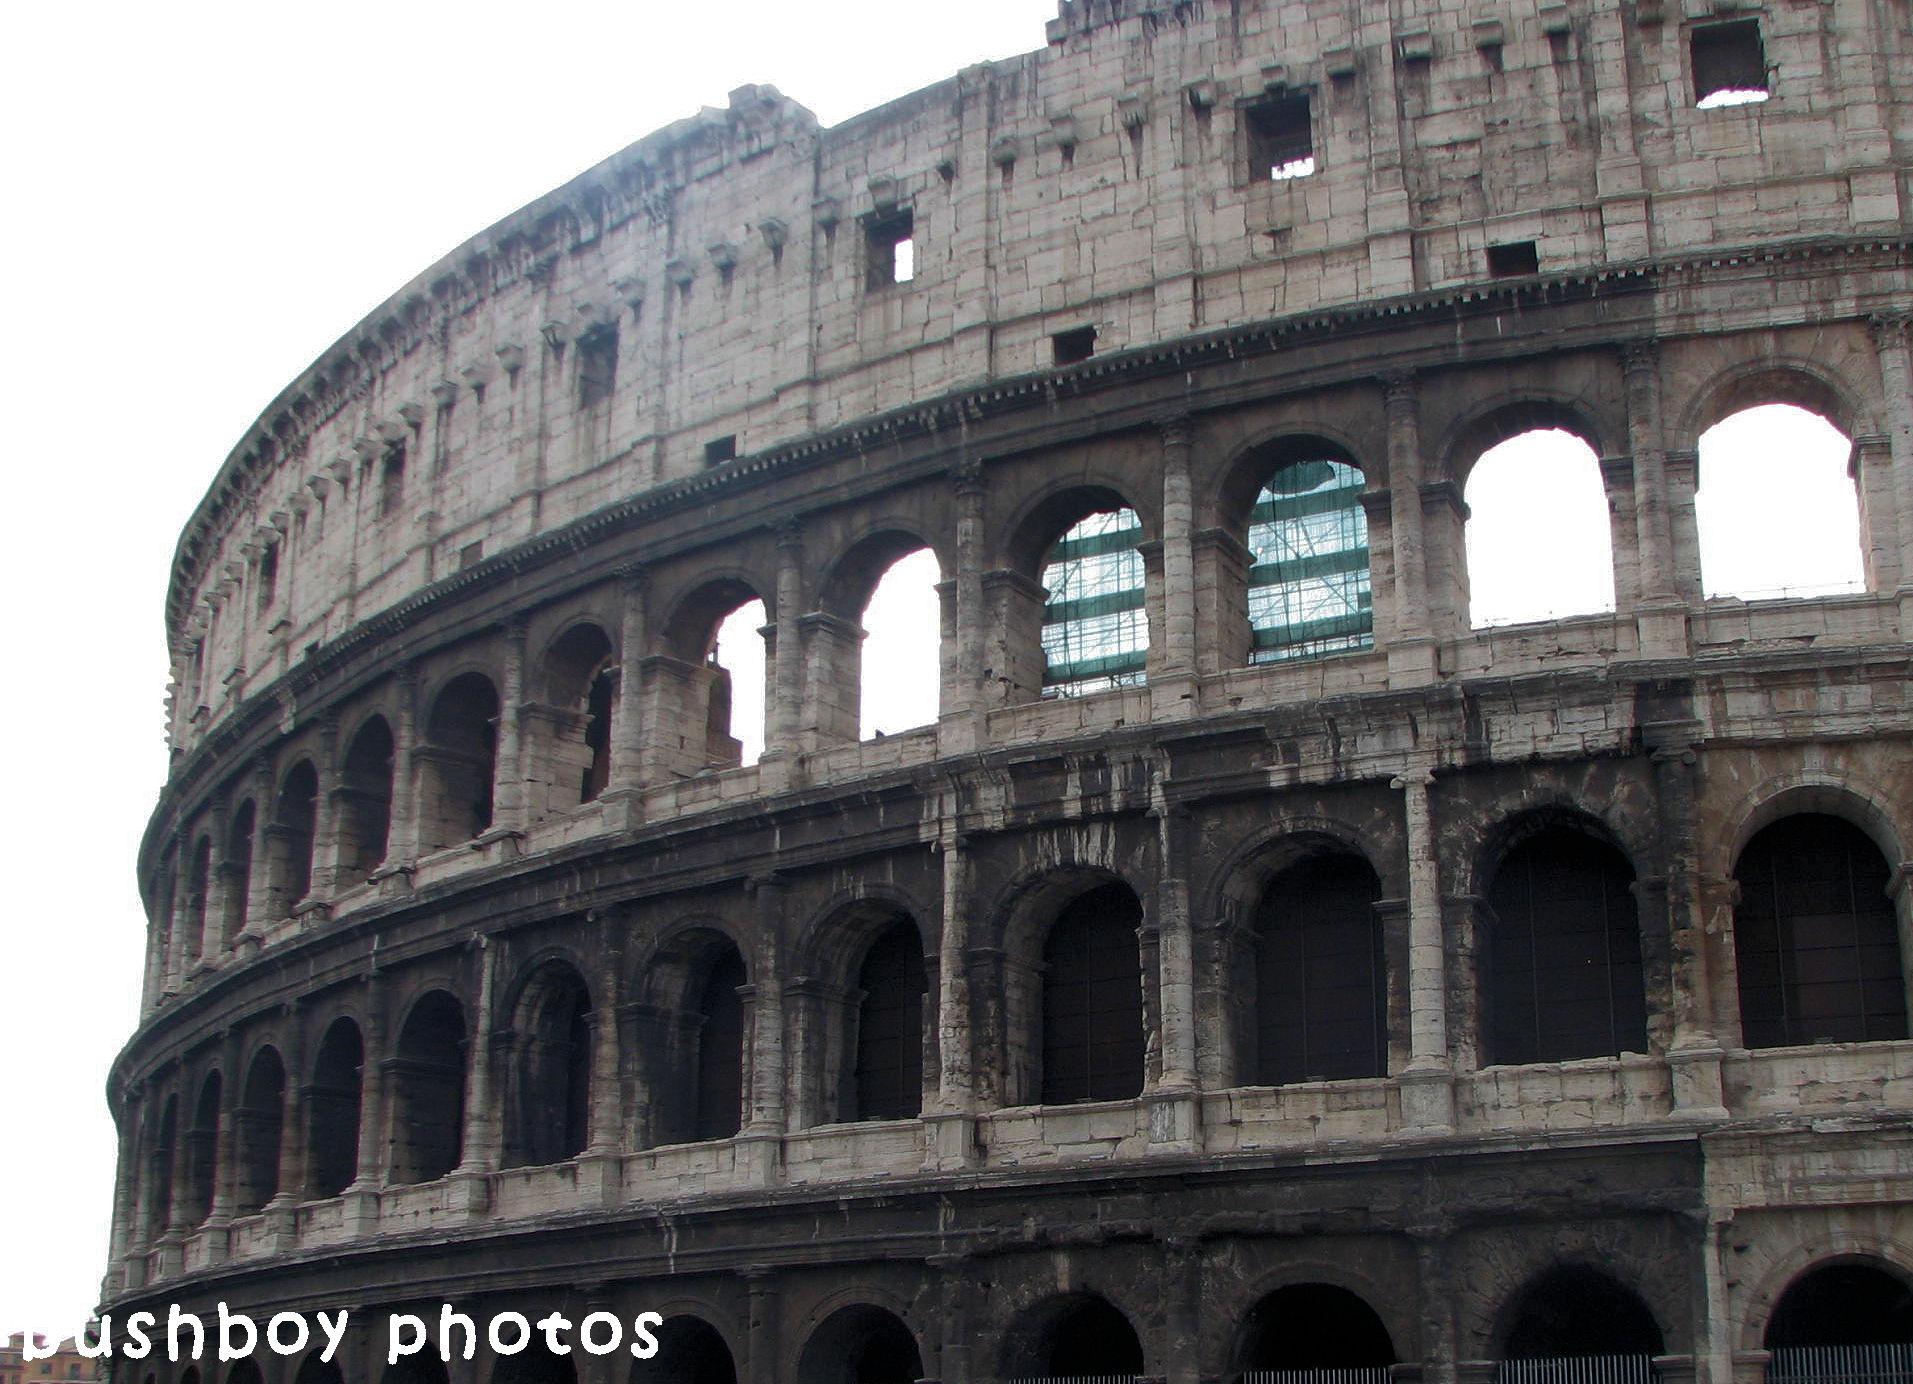 180607_blog challenge_arch_colleseum_rome